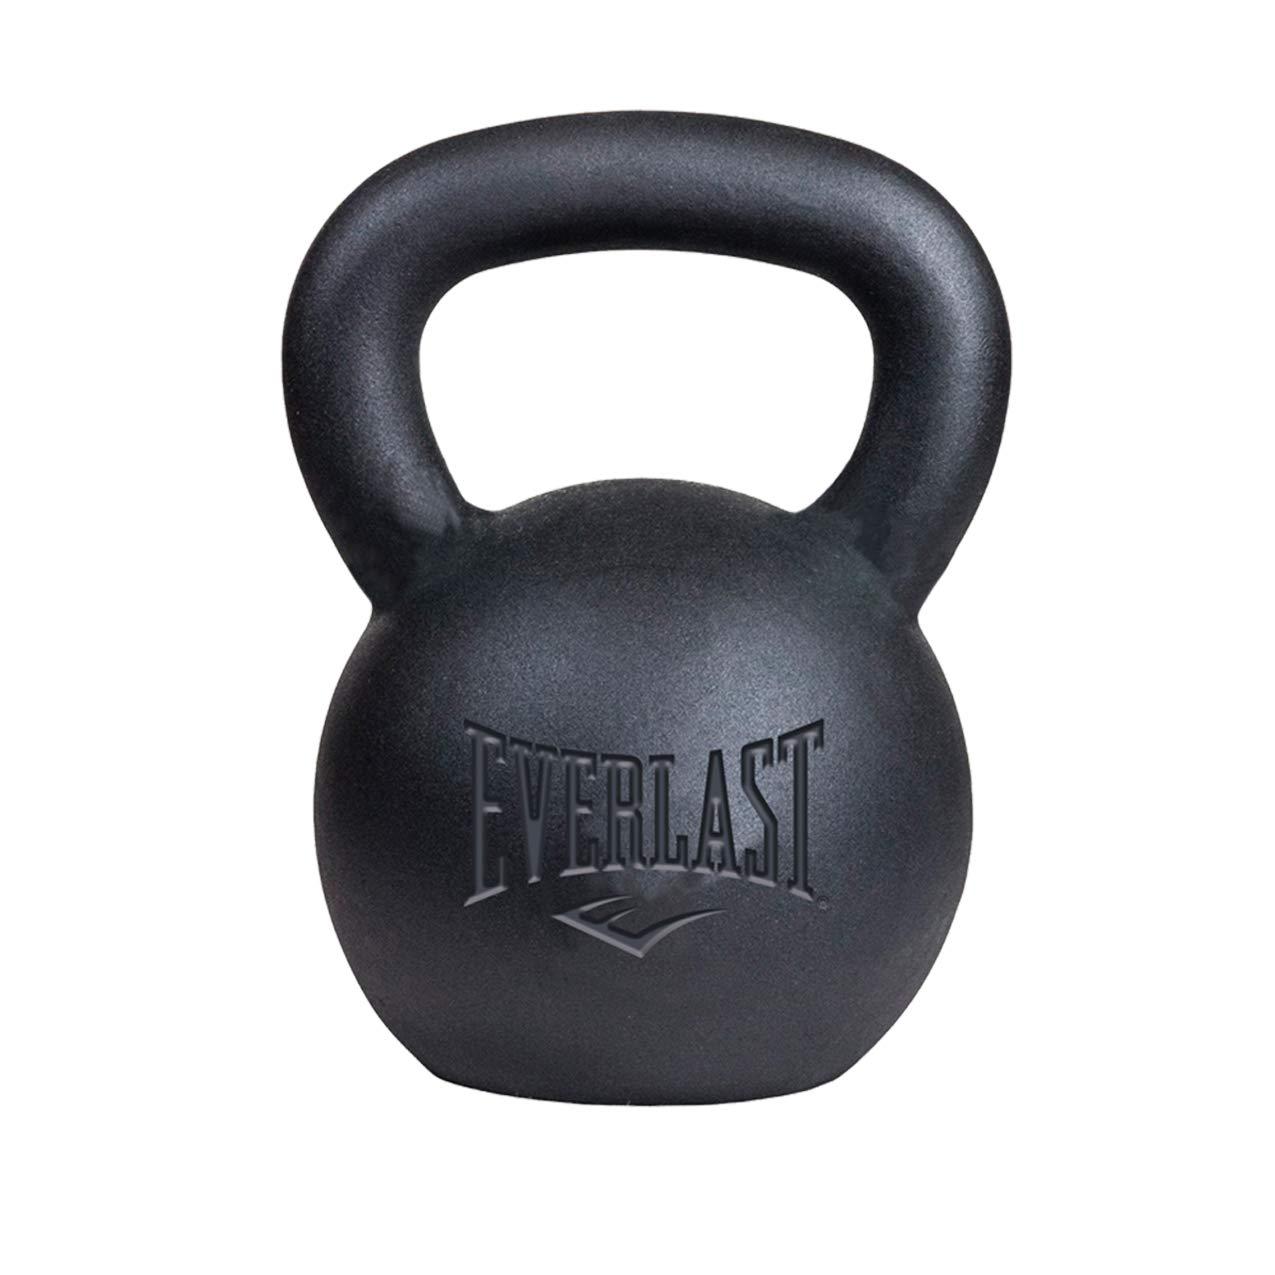 Everlast New 35 lb//16 kg Cast Iron Kettlebell